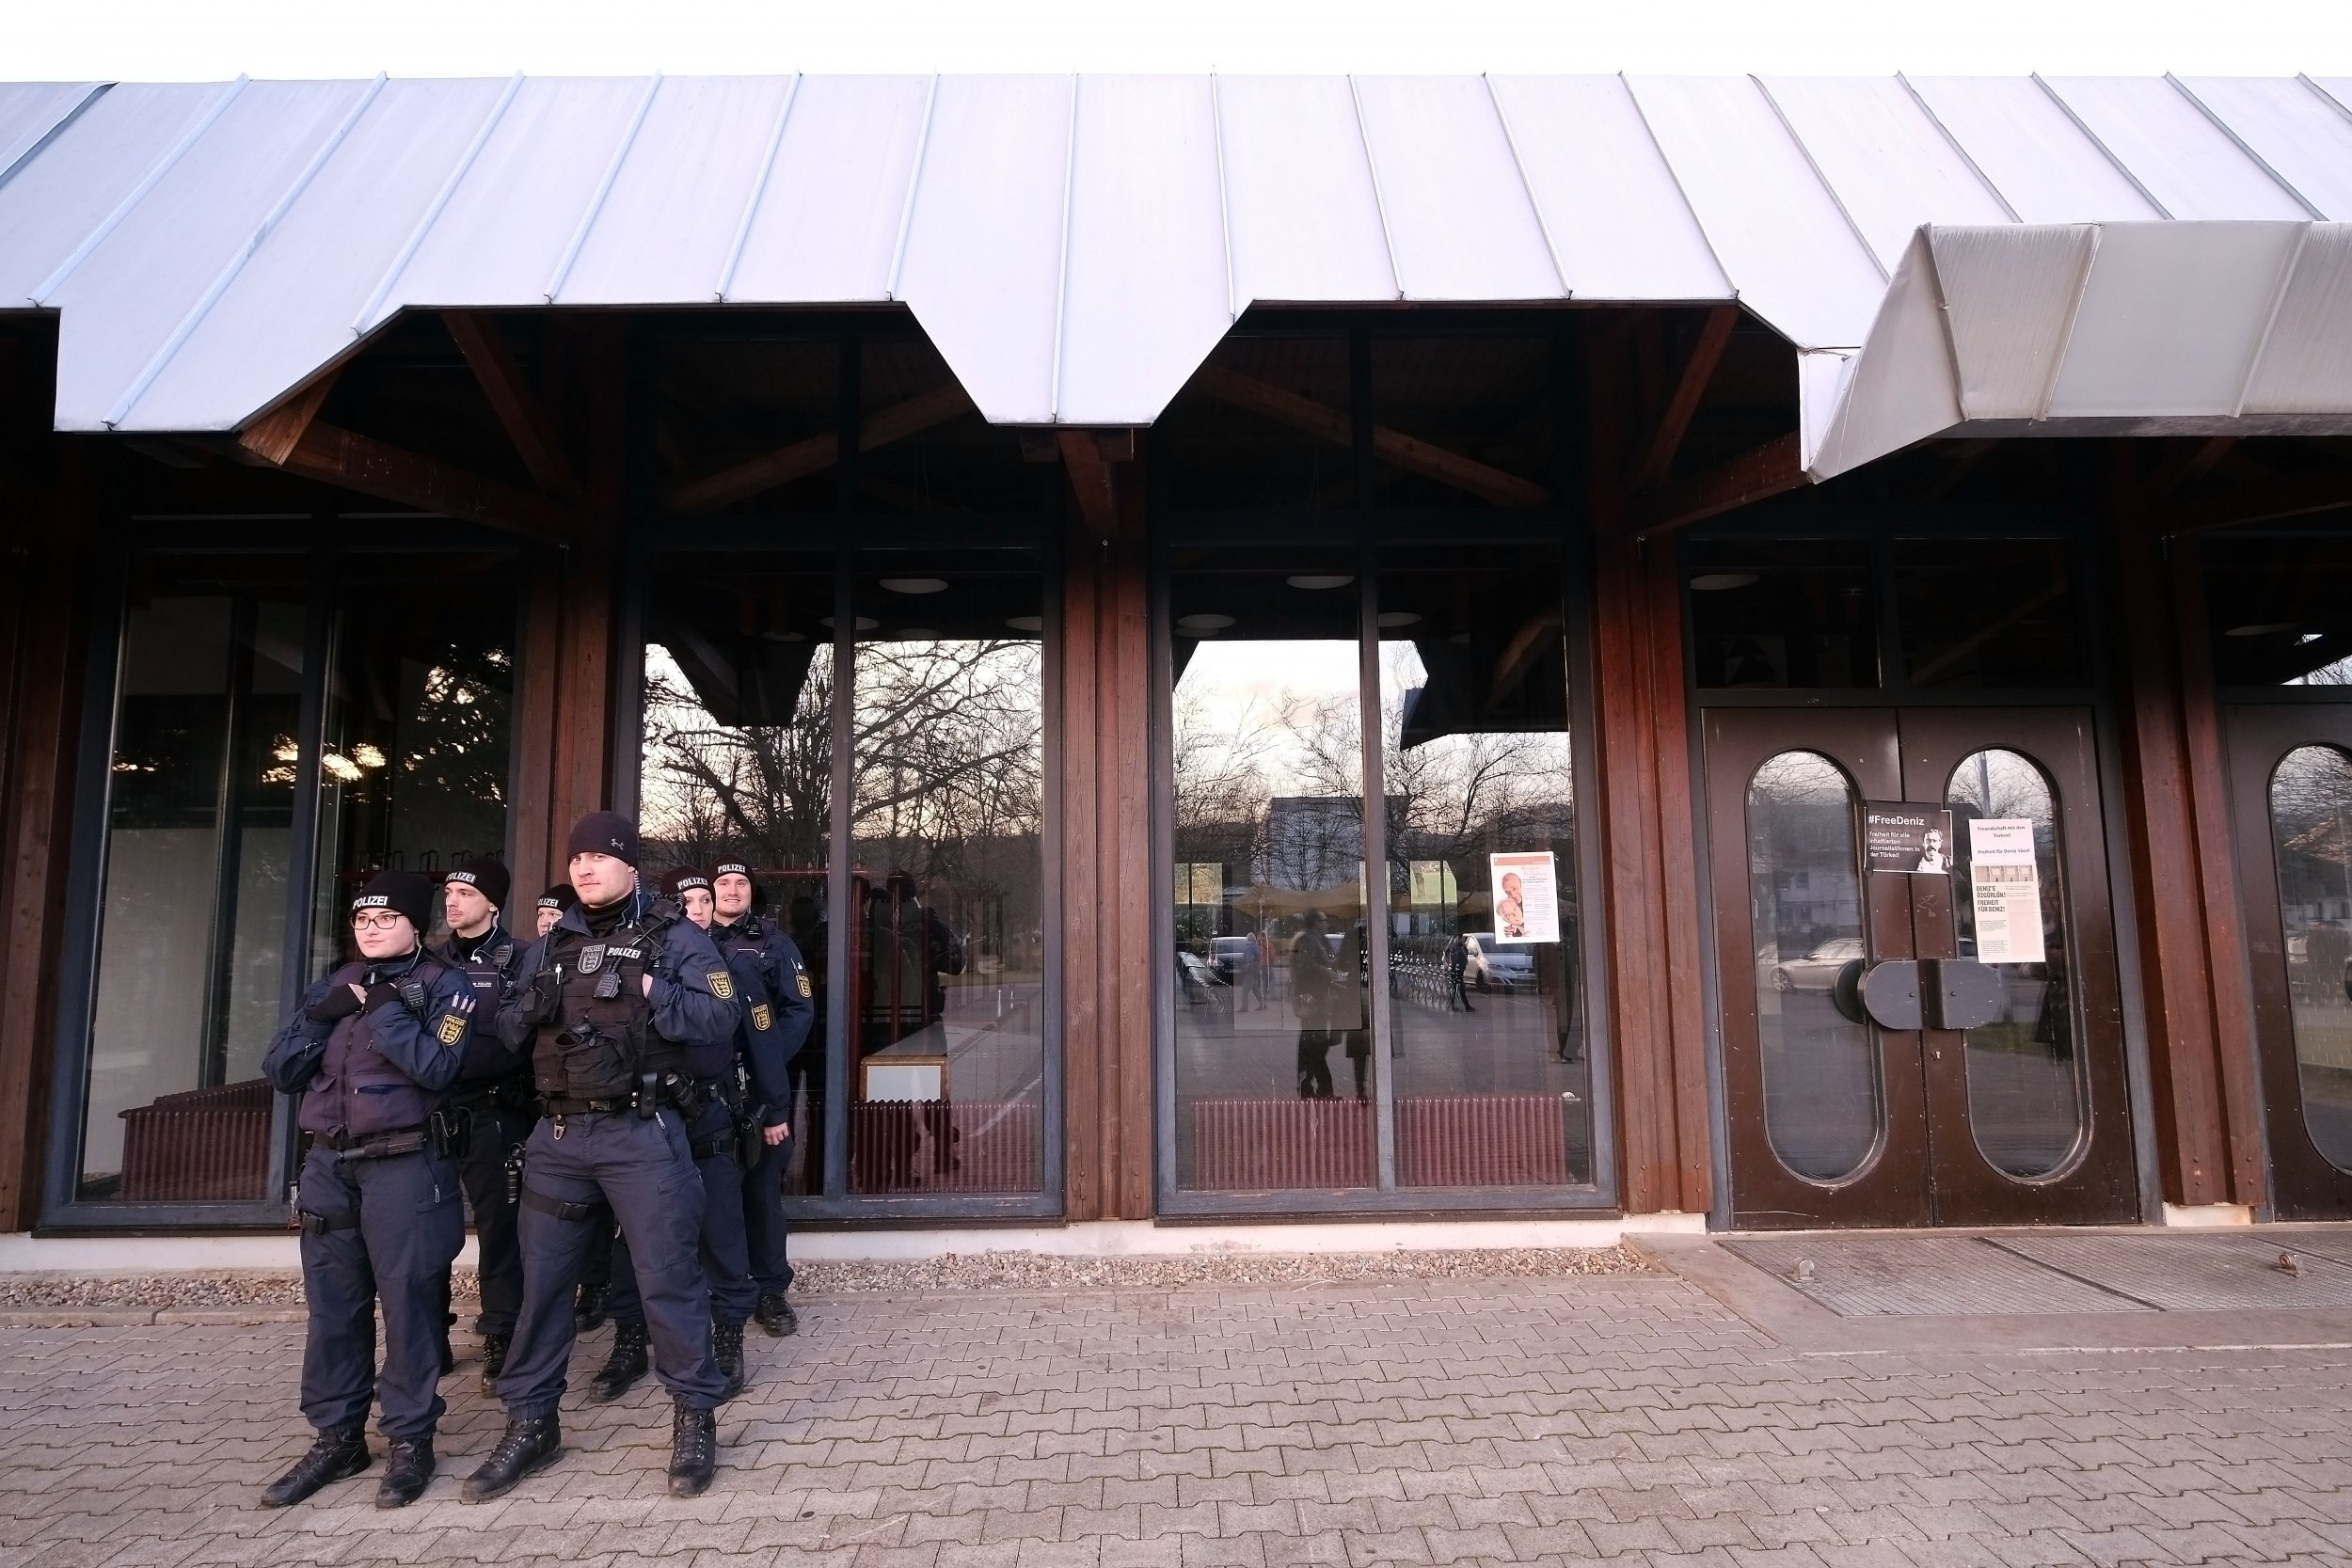 Gaggenau police